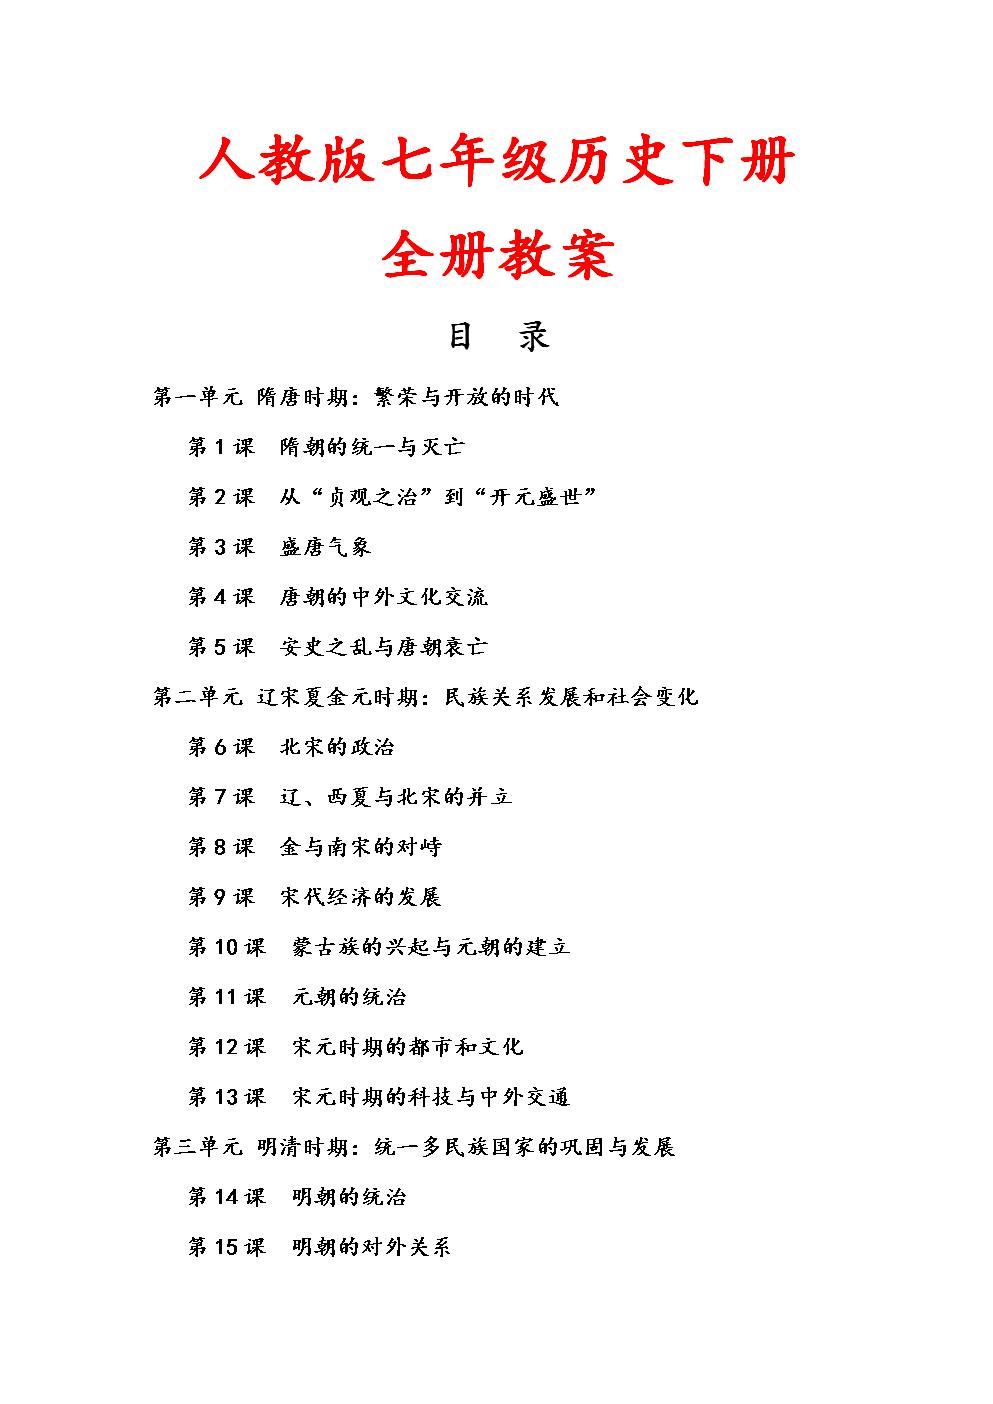 3 板书设计 4 教学反思 通过课堂归纳总结,从隋朝的兴亡中得出作为图片